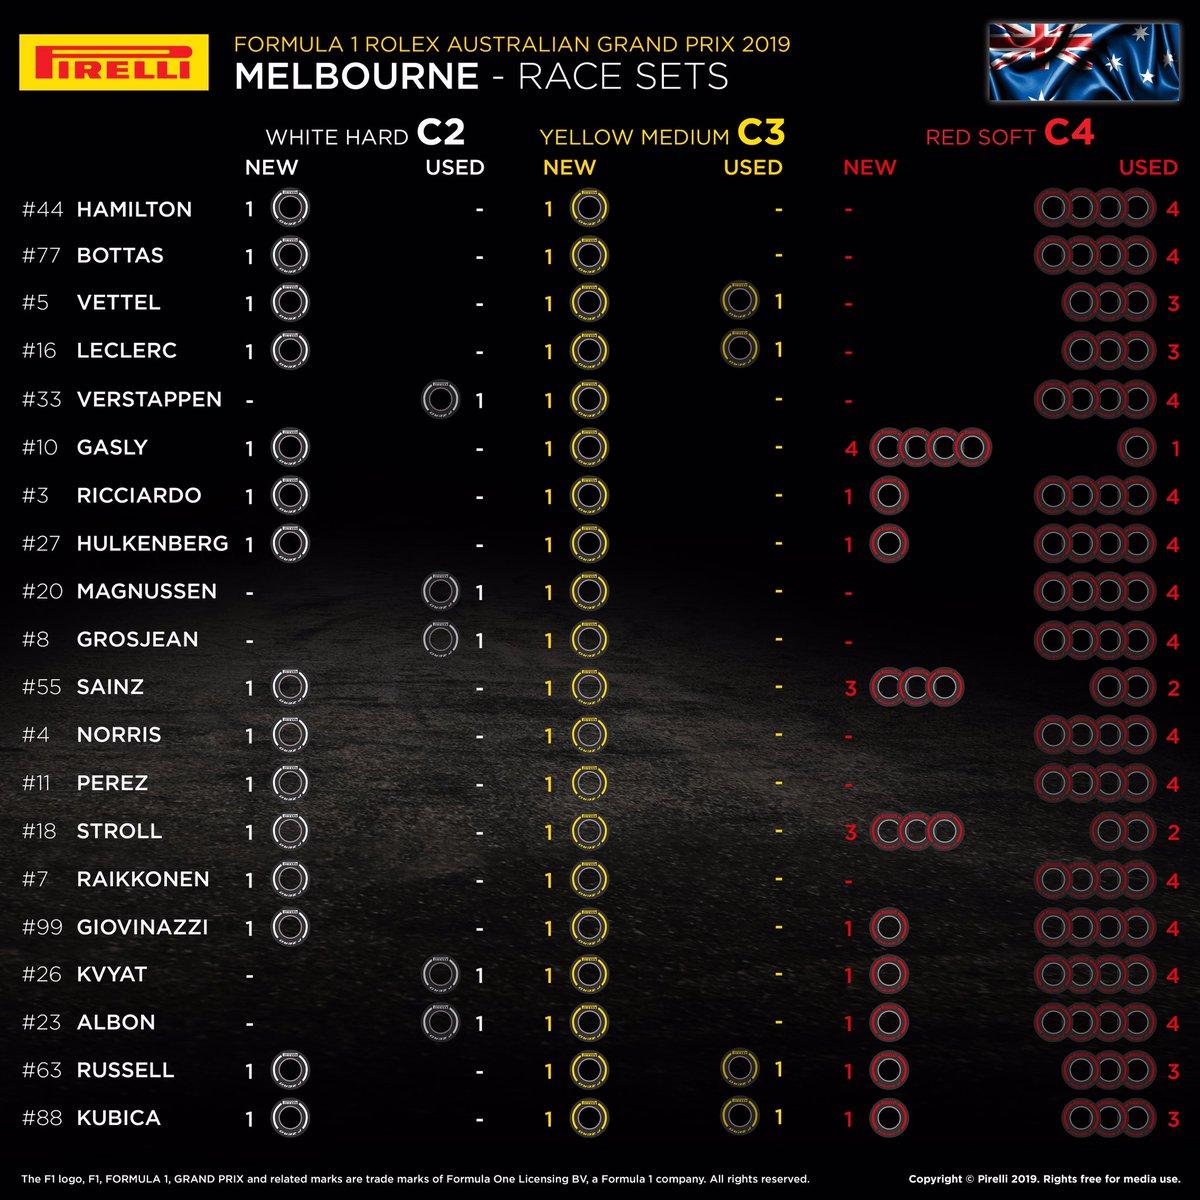 F1オーストラリアGP:各ドライバーの持ちタイヤ数